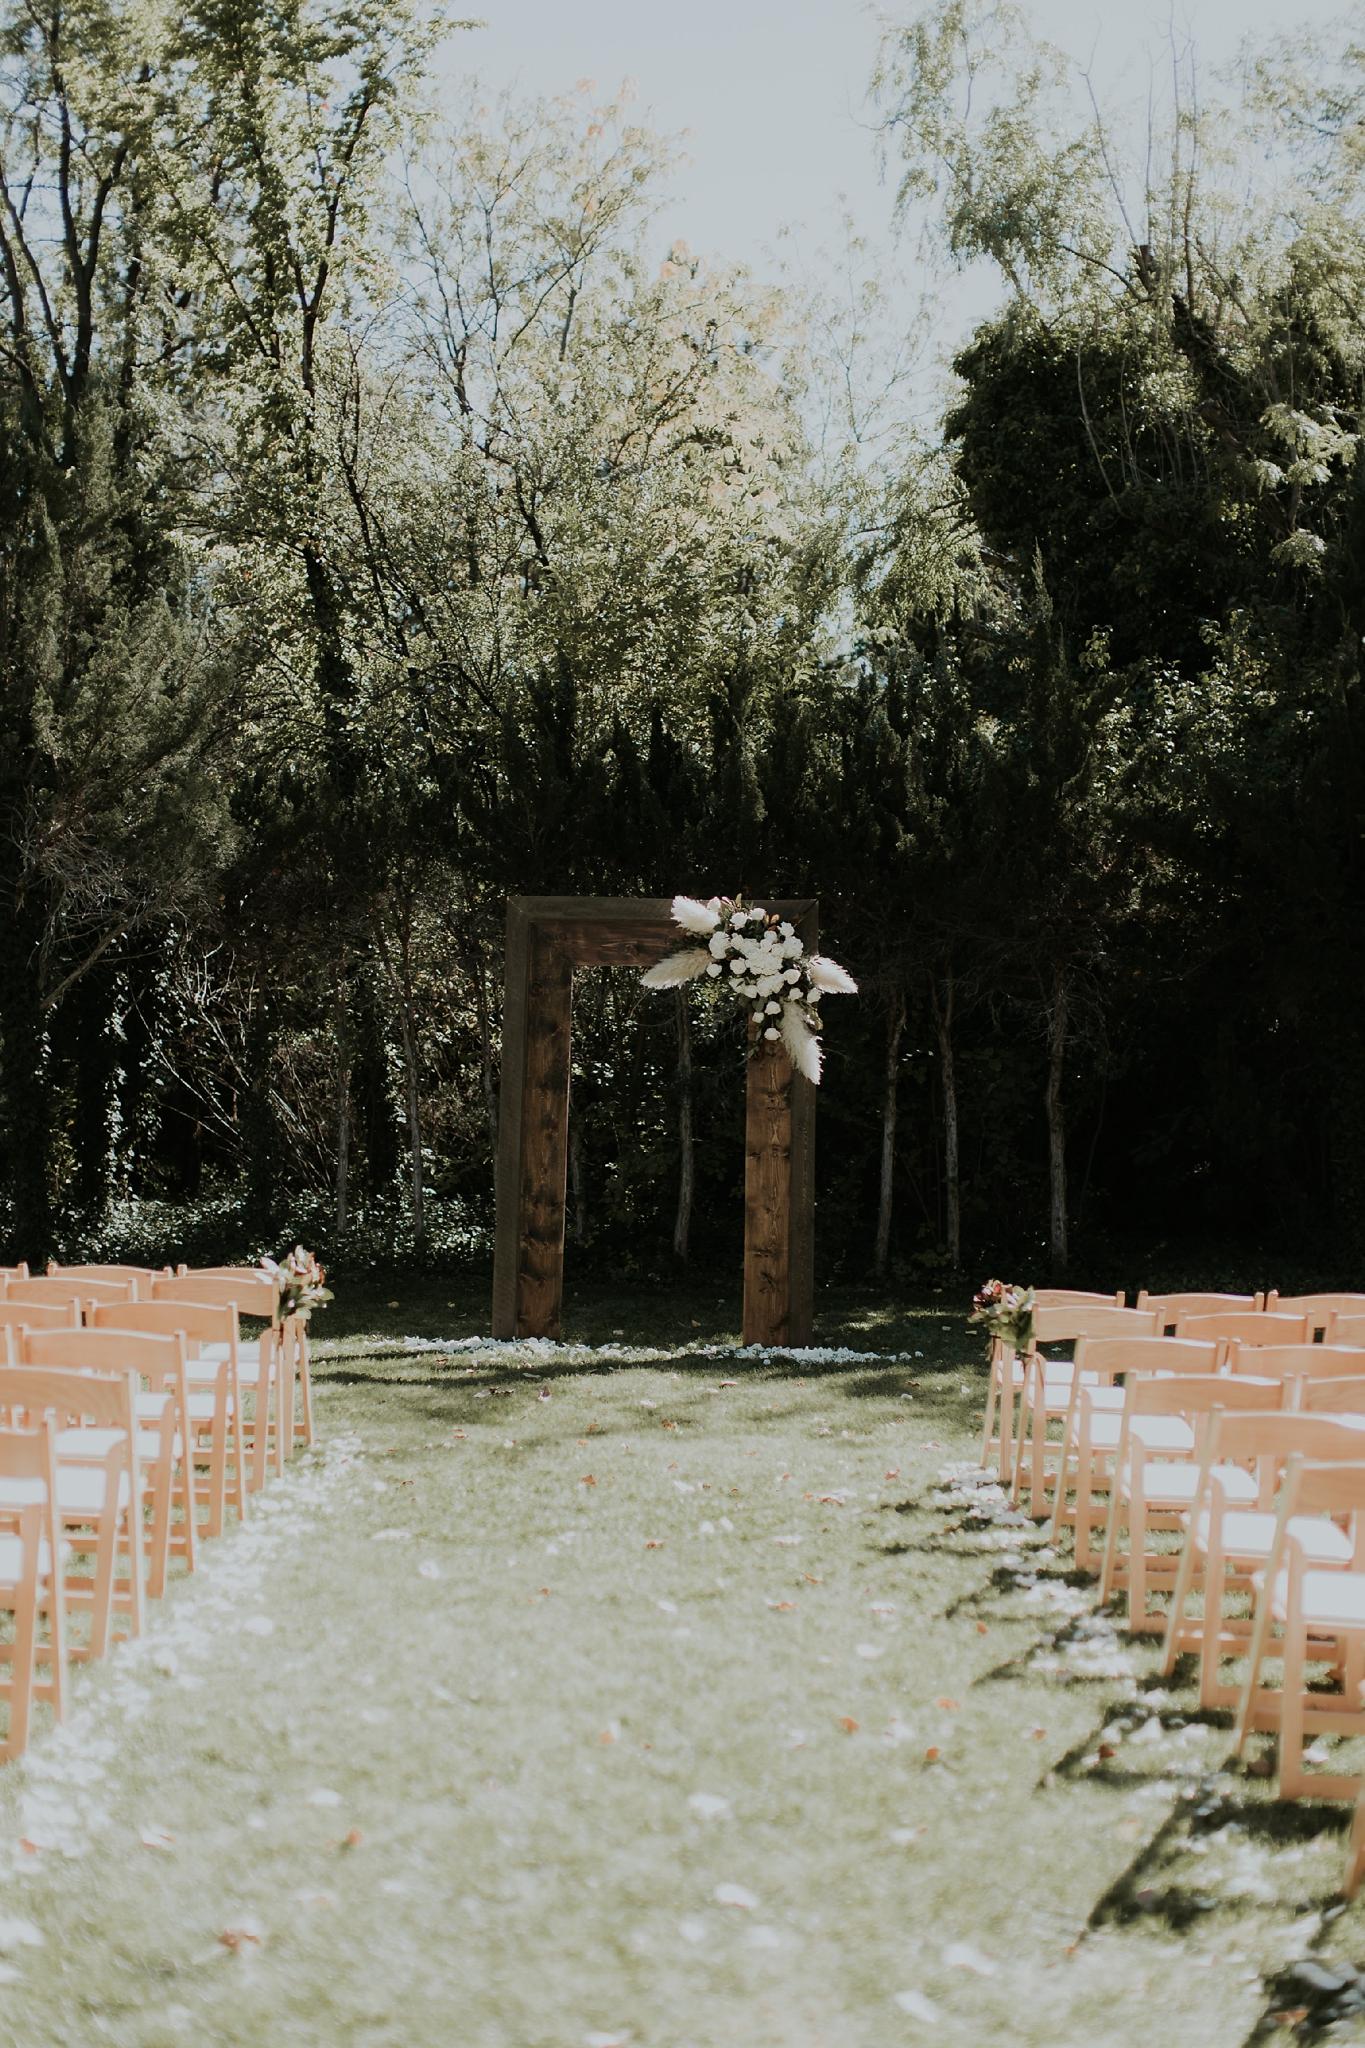 Alicia+lucia+photography+-+albuquerque+wedding+photographer+-+santa+fe+wedding+photography+-+new+mexico+wedding+photographer+-+wedding+ceremony+-+wedding+alter+-+floral+alter_0070.jpg